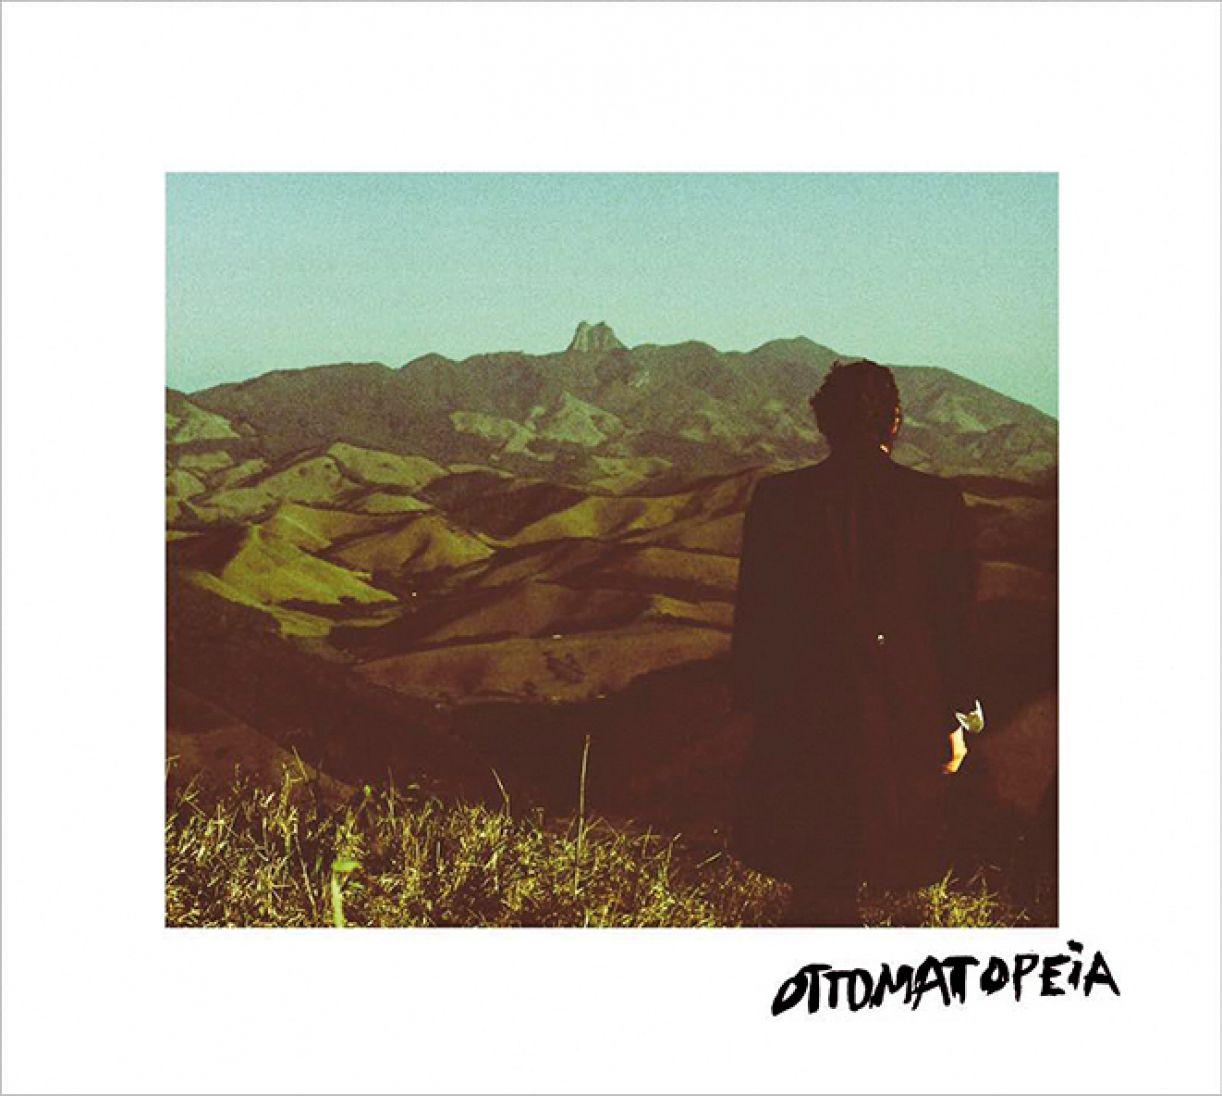 Capa do disco de Otto, que acaba de ser lançado